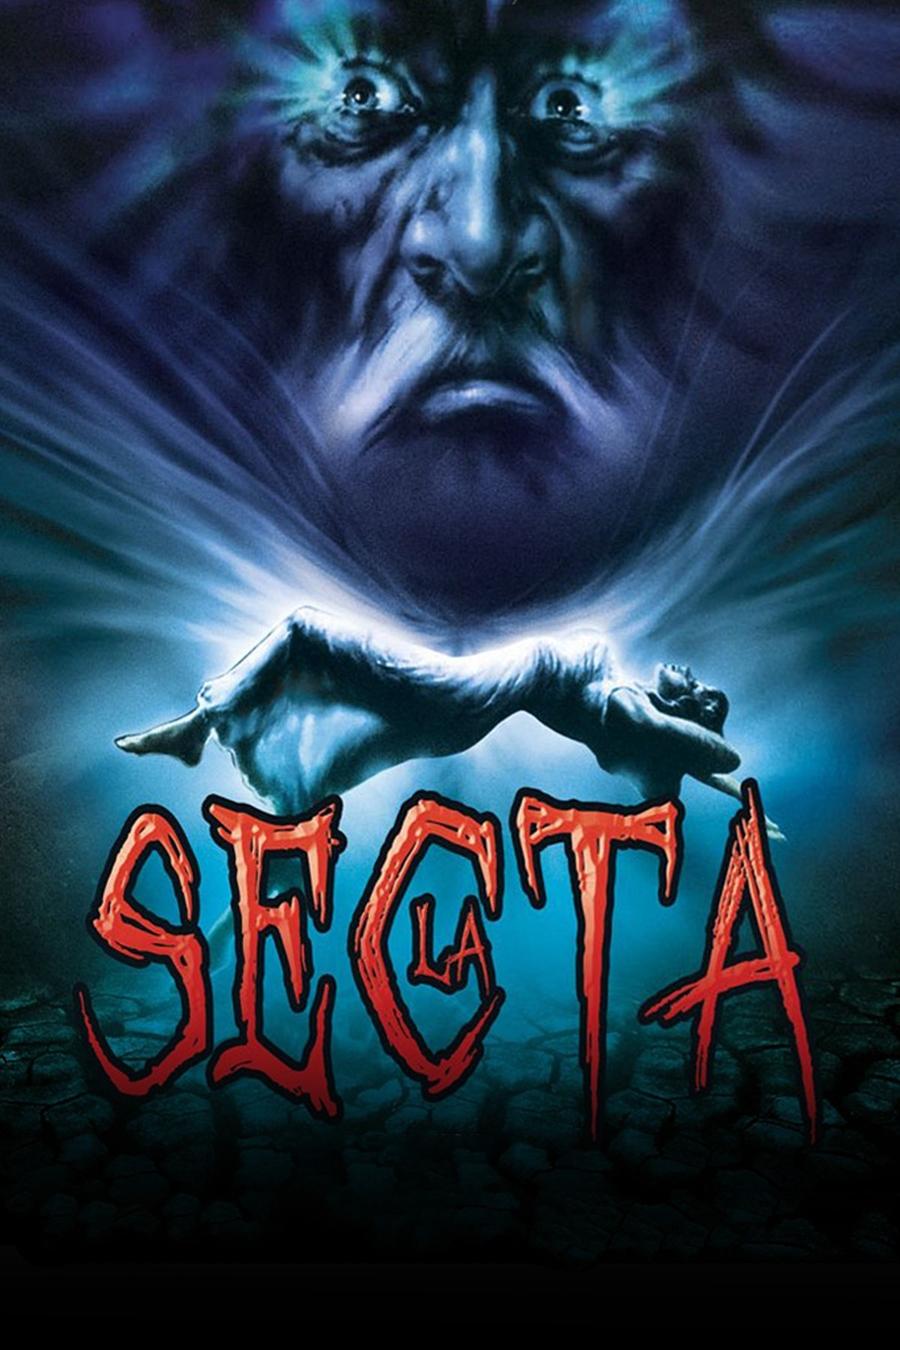 La Secta (1991)